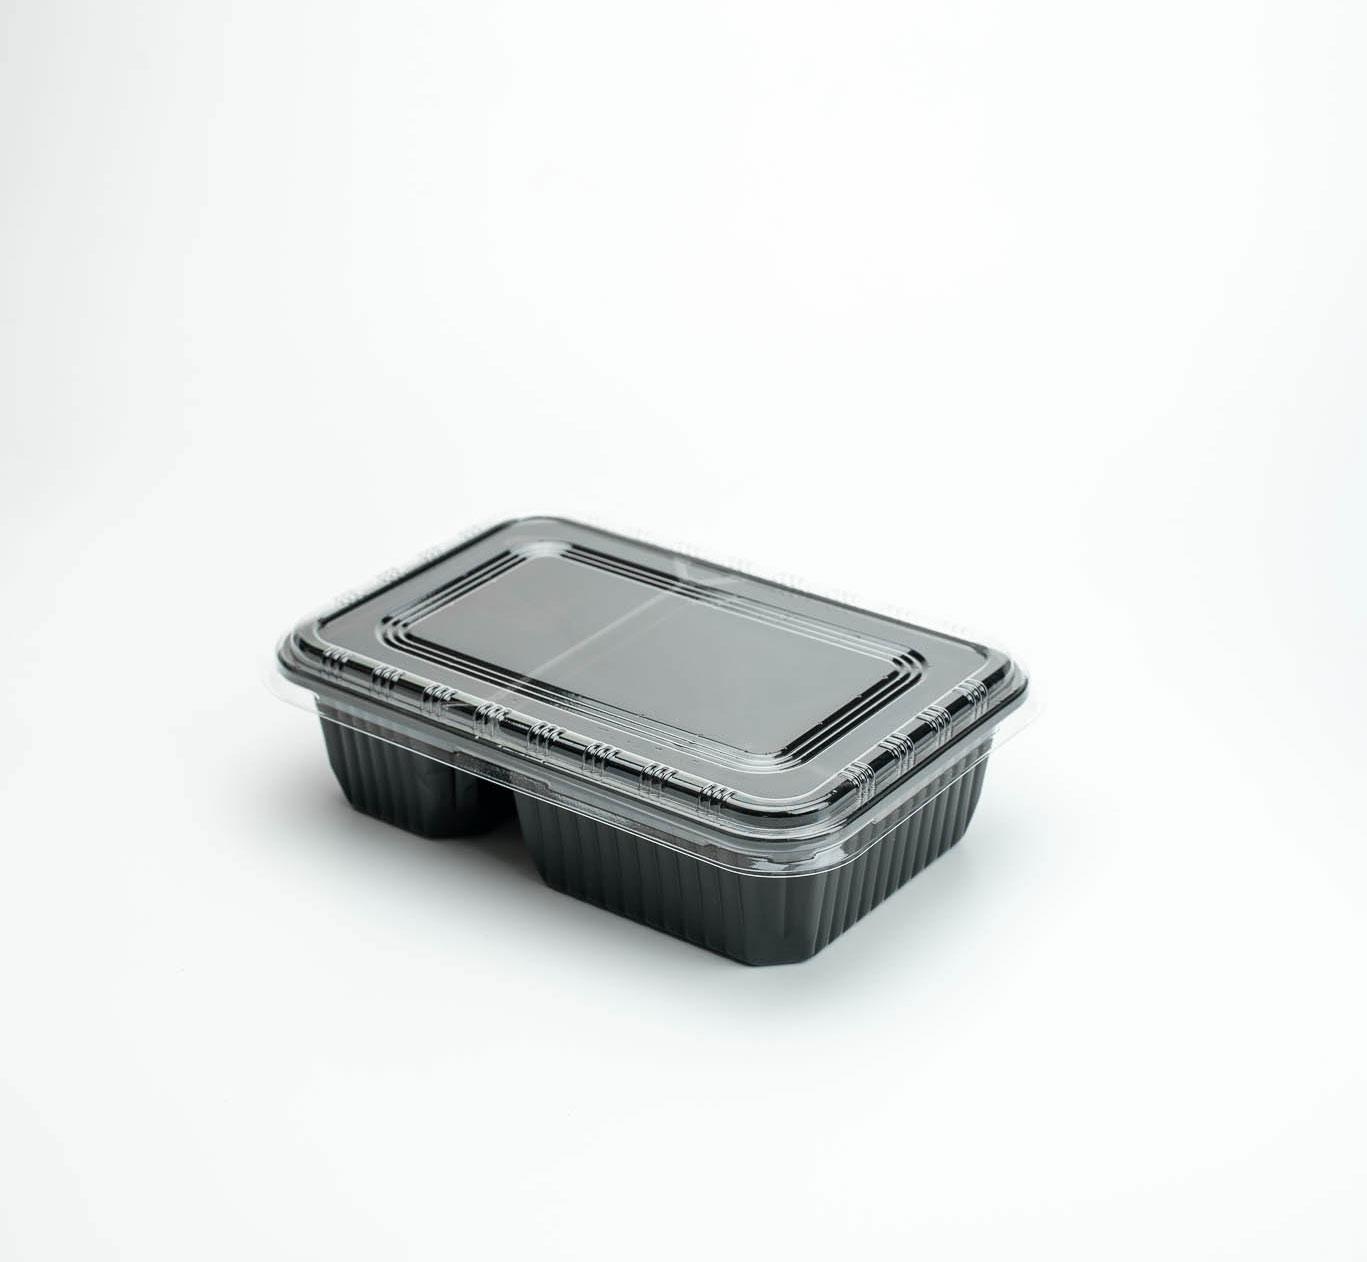 กล่องอาหารพลาสติก 2 ช่อง simple 650ml (ฝาใสไร้ฝ้า)